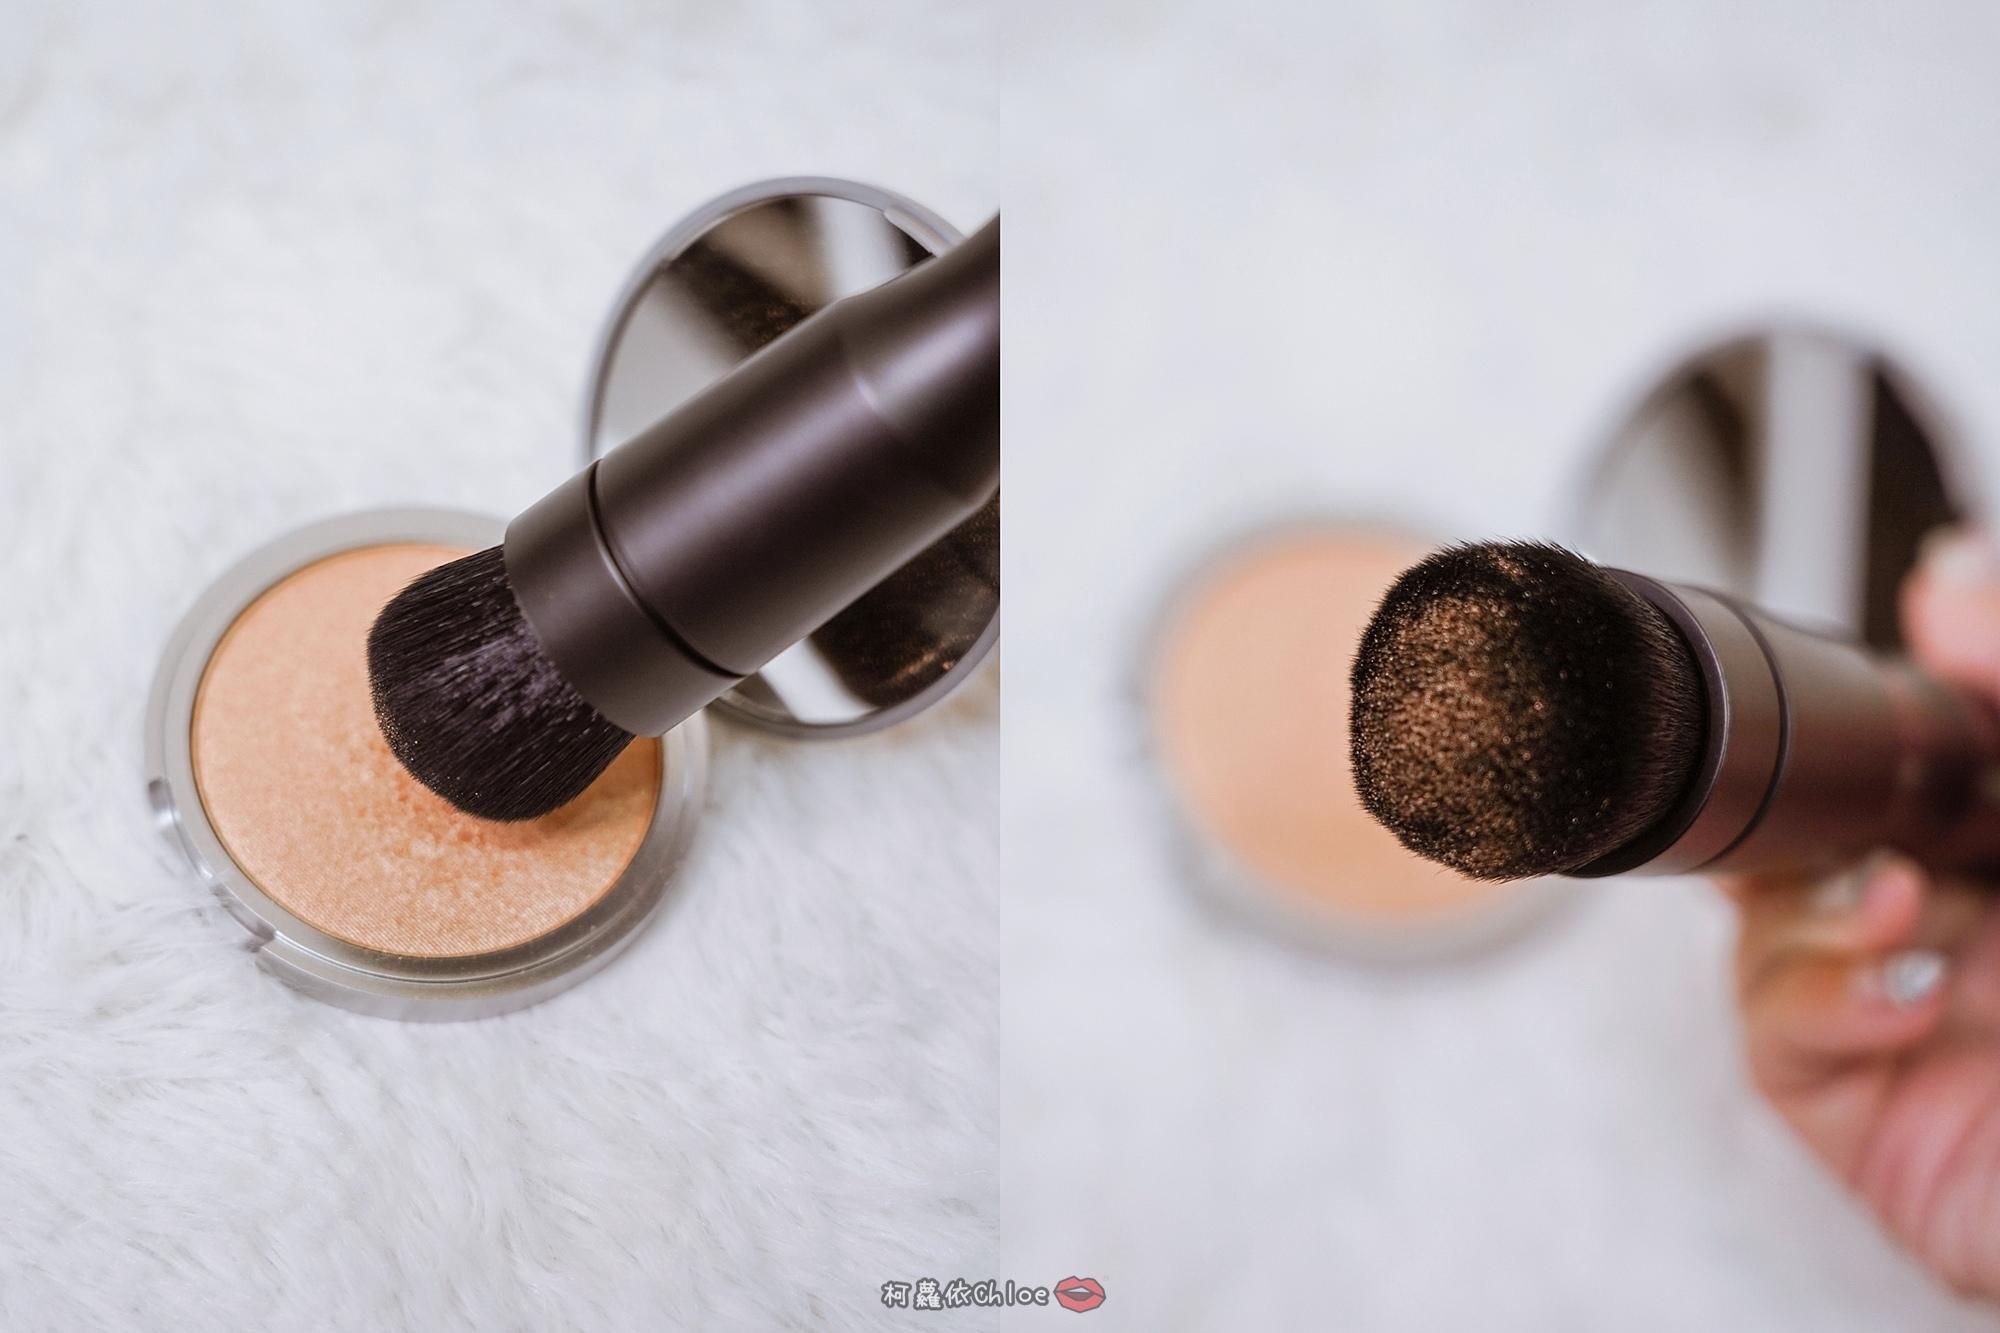 彩妝工具推薦 blendSMART電動化妝刷 達人套裝開箱 上妝輕柔更有效率38.jpg